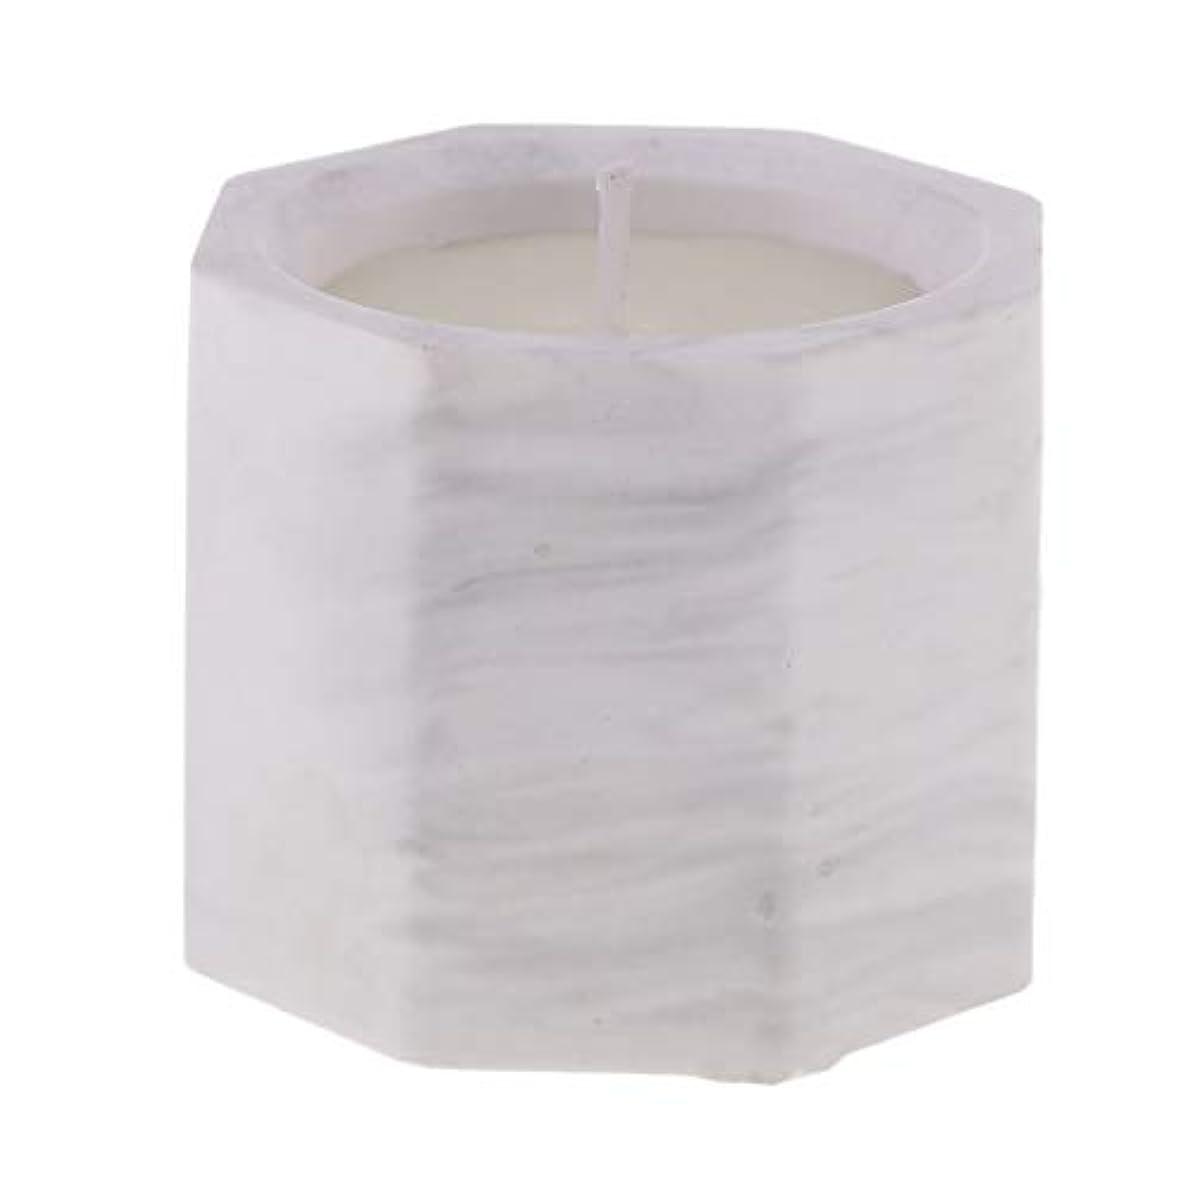 安心させるワンダーマスタードアロマキャンドル オクタゴン形 香りキャンドル 友人用 誕生日用 家族用 約58mm